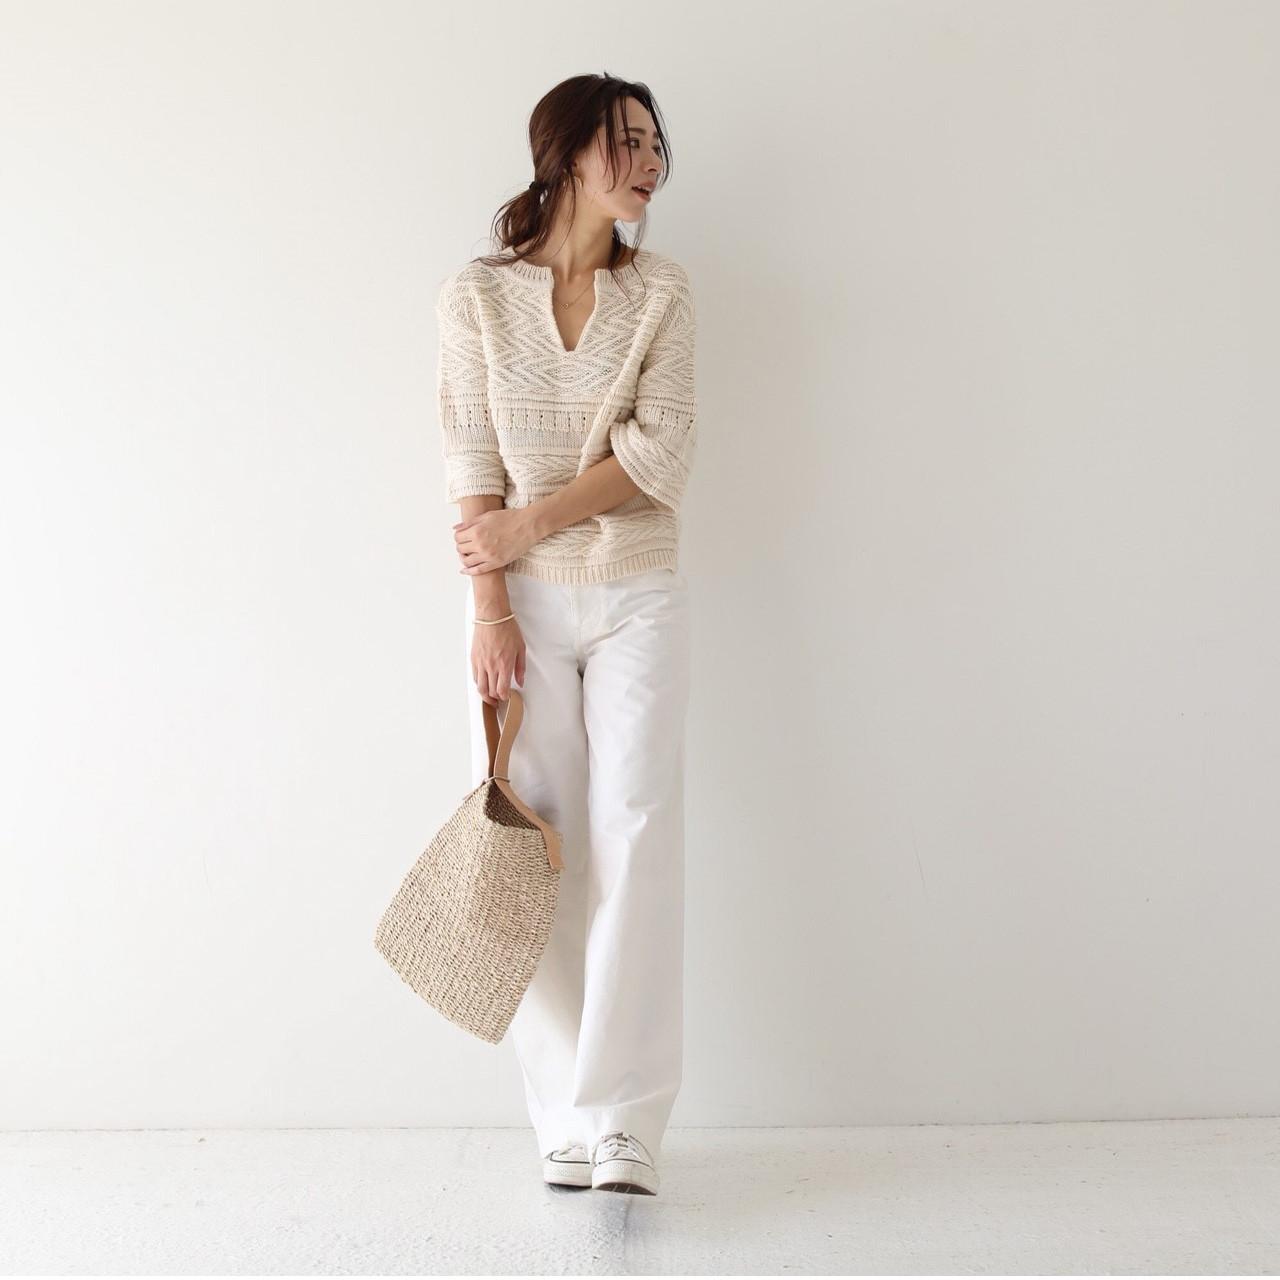 Onehandle Abaca Bag